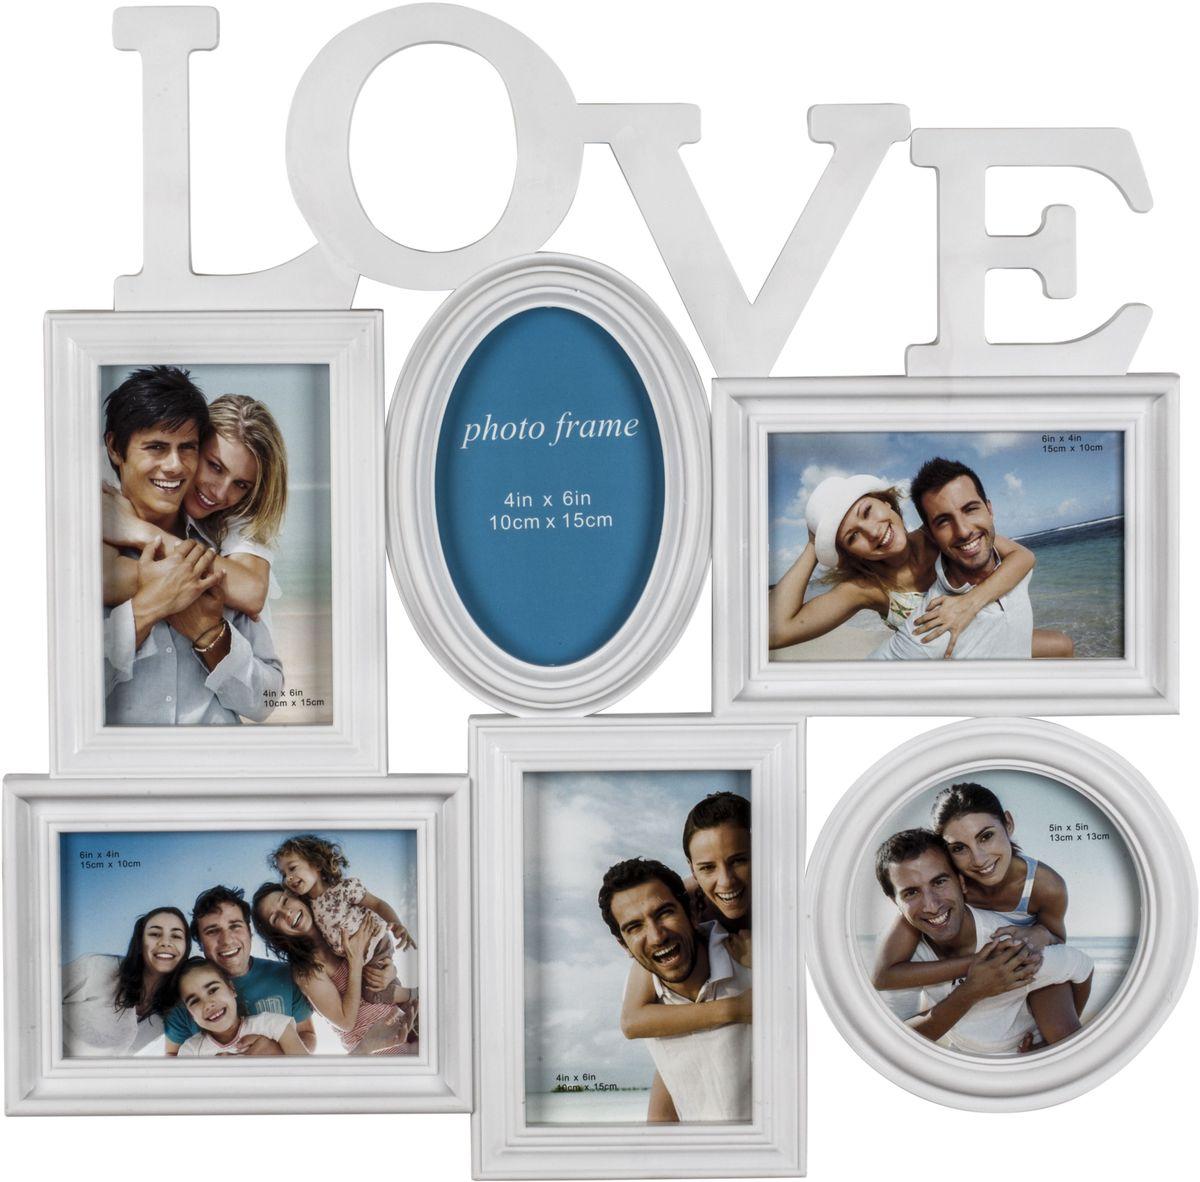 Фоторамка Platinum Love, цвет: белый, на 6 фотоRG-D31SФоторамка Platinum Love - прекрасный способ красиво оформить ваши фотографии. Фоторамка выполнена из пластика и защищена стеклом. Фоторамка-коллаж представляет собой шесть фоторамок для фото разного размера оригинально соединенных между собой. Такая фоторамка поможет сохранить в памяти самые яркие моменты вашей жизни, а стильный дизайн сделает ее прекрасным дополнением интерьера комнаты.Фоторамка подходит для 5 фото 10 х 15 см и 1 фото 13 х 13 см.Общий размер фоторамки: 46 х 47 см.